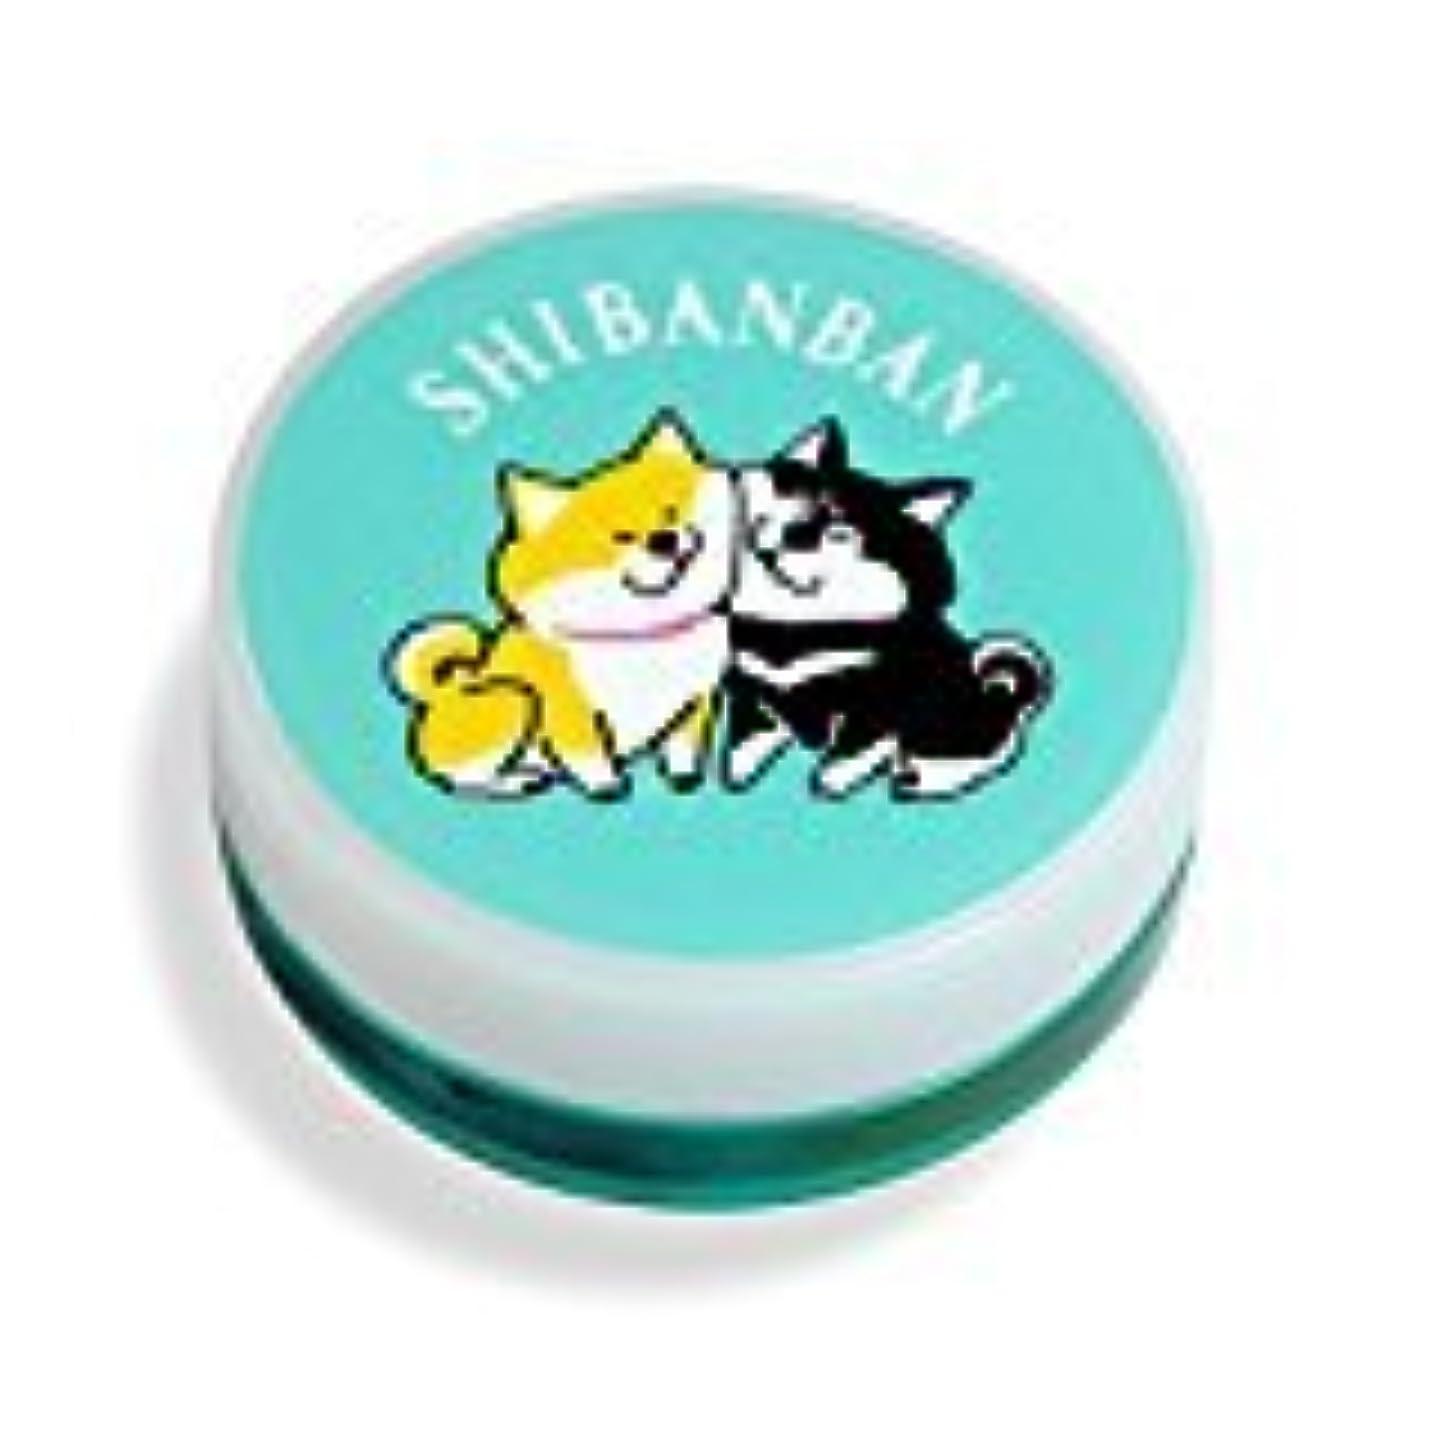 サーマル大使生産的フルプルコロン しばんばん すりすり フルーティーフローラルの香り 10g